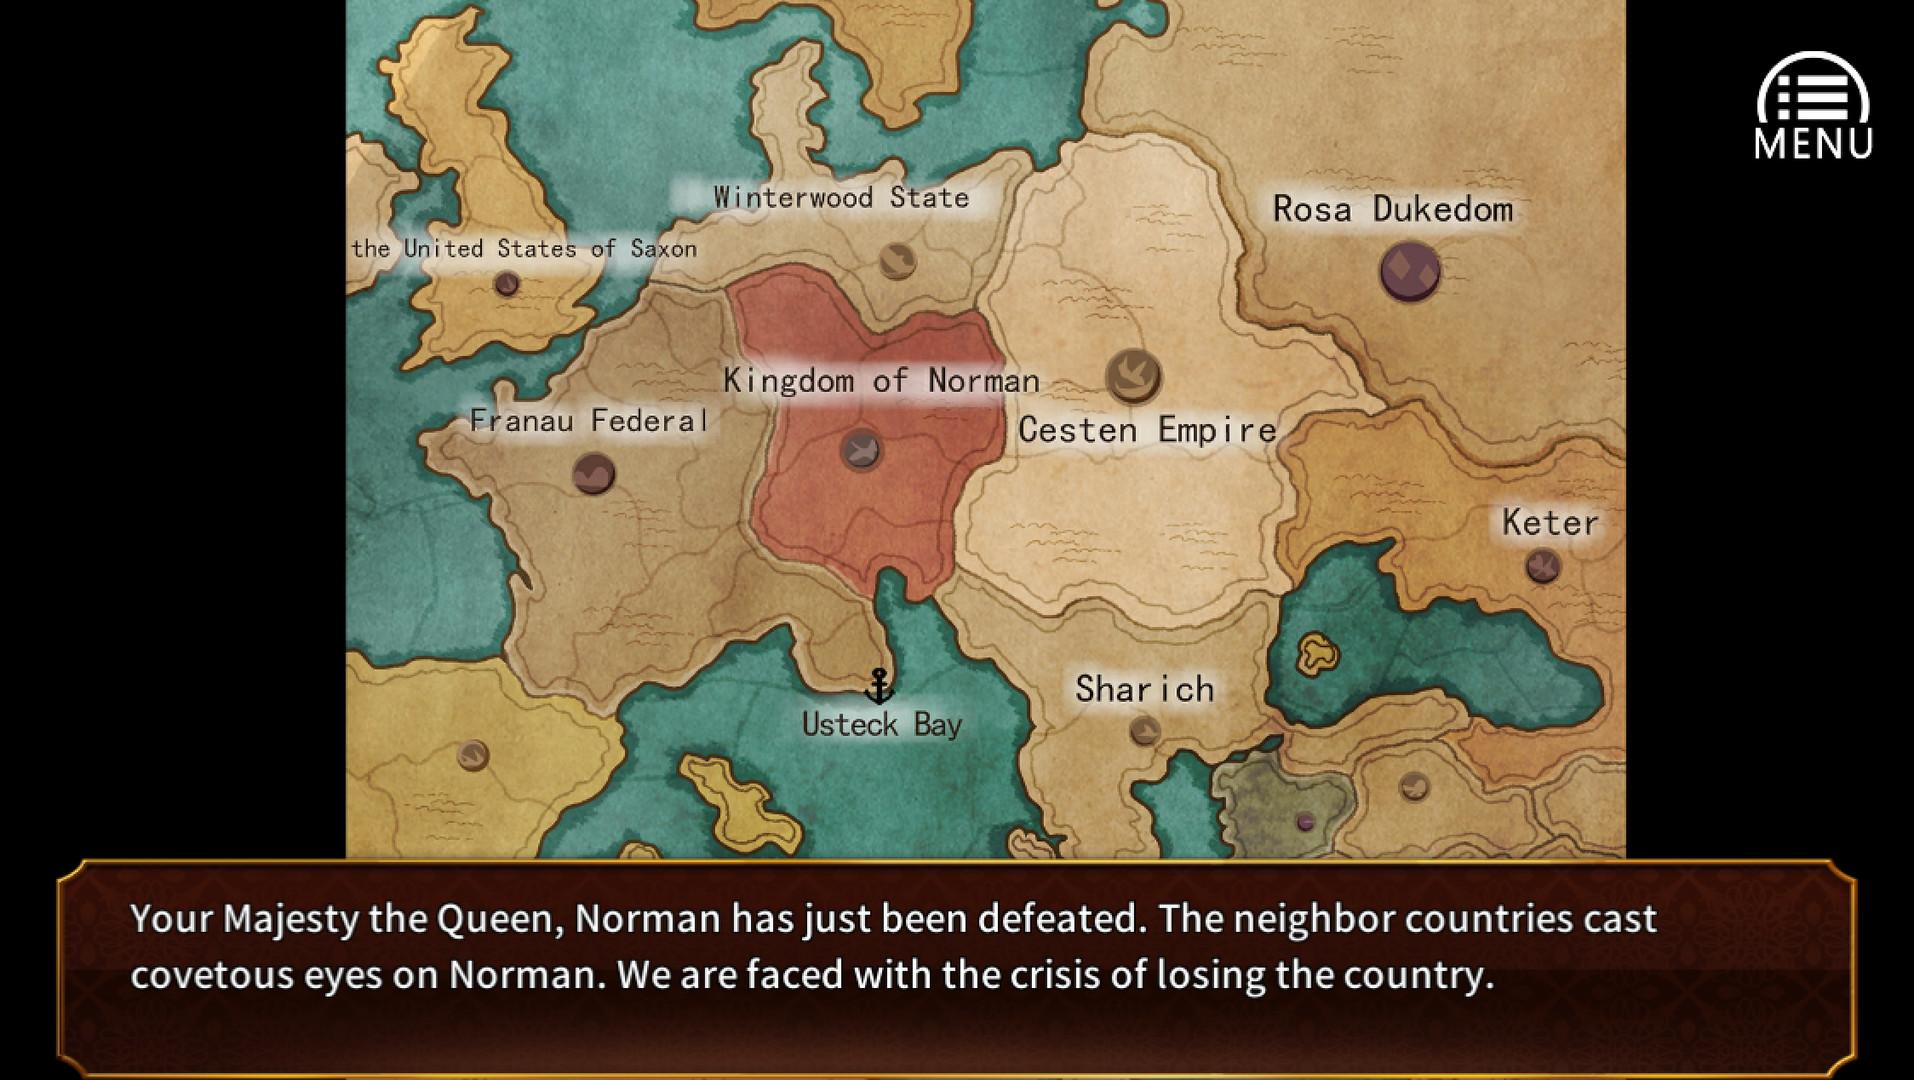 【無聖光】國產18禁遊戲《女王的榮耀》登上Steam!單手就能上車!